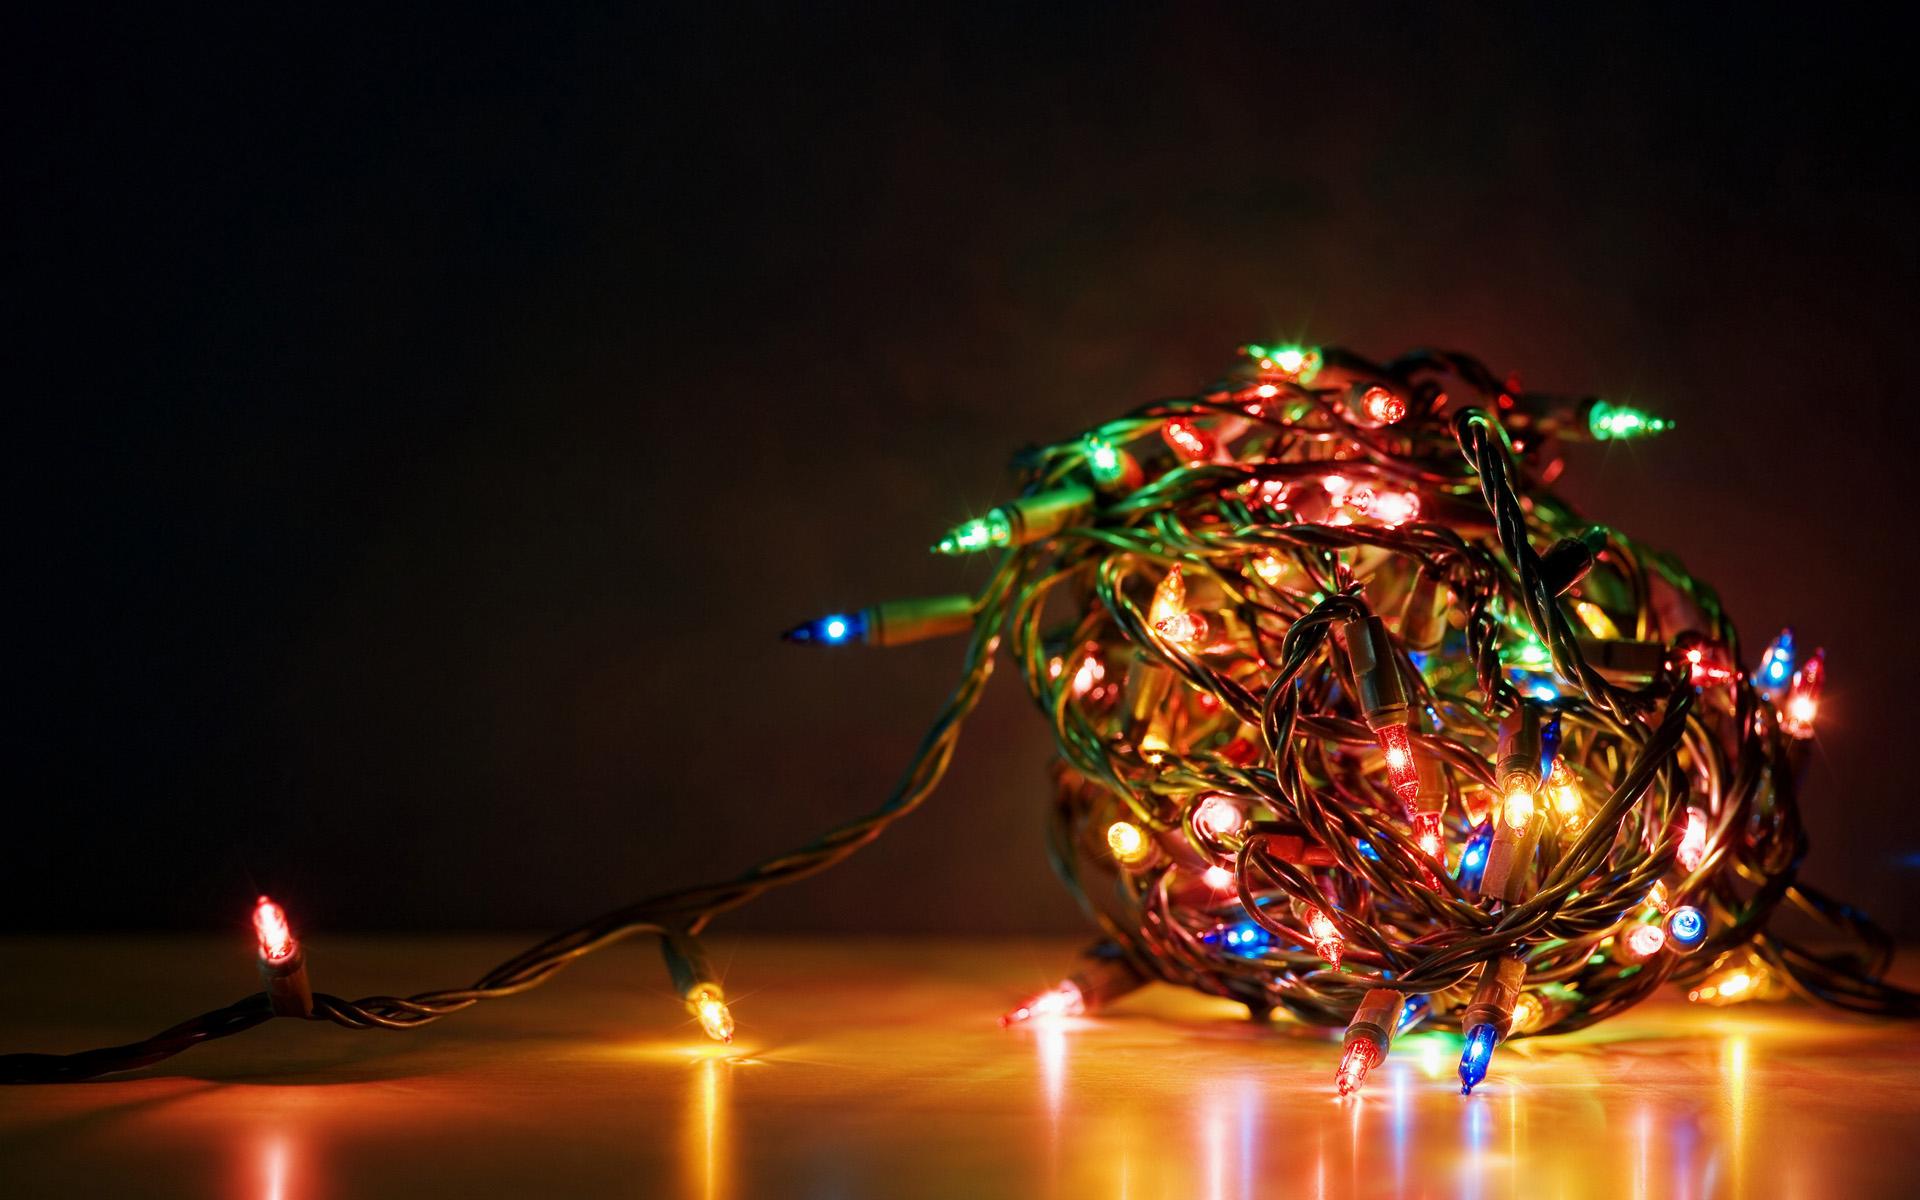 Рождественские огоньки, обои для рабочего стола, christmas fires wallpaper